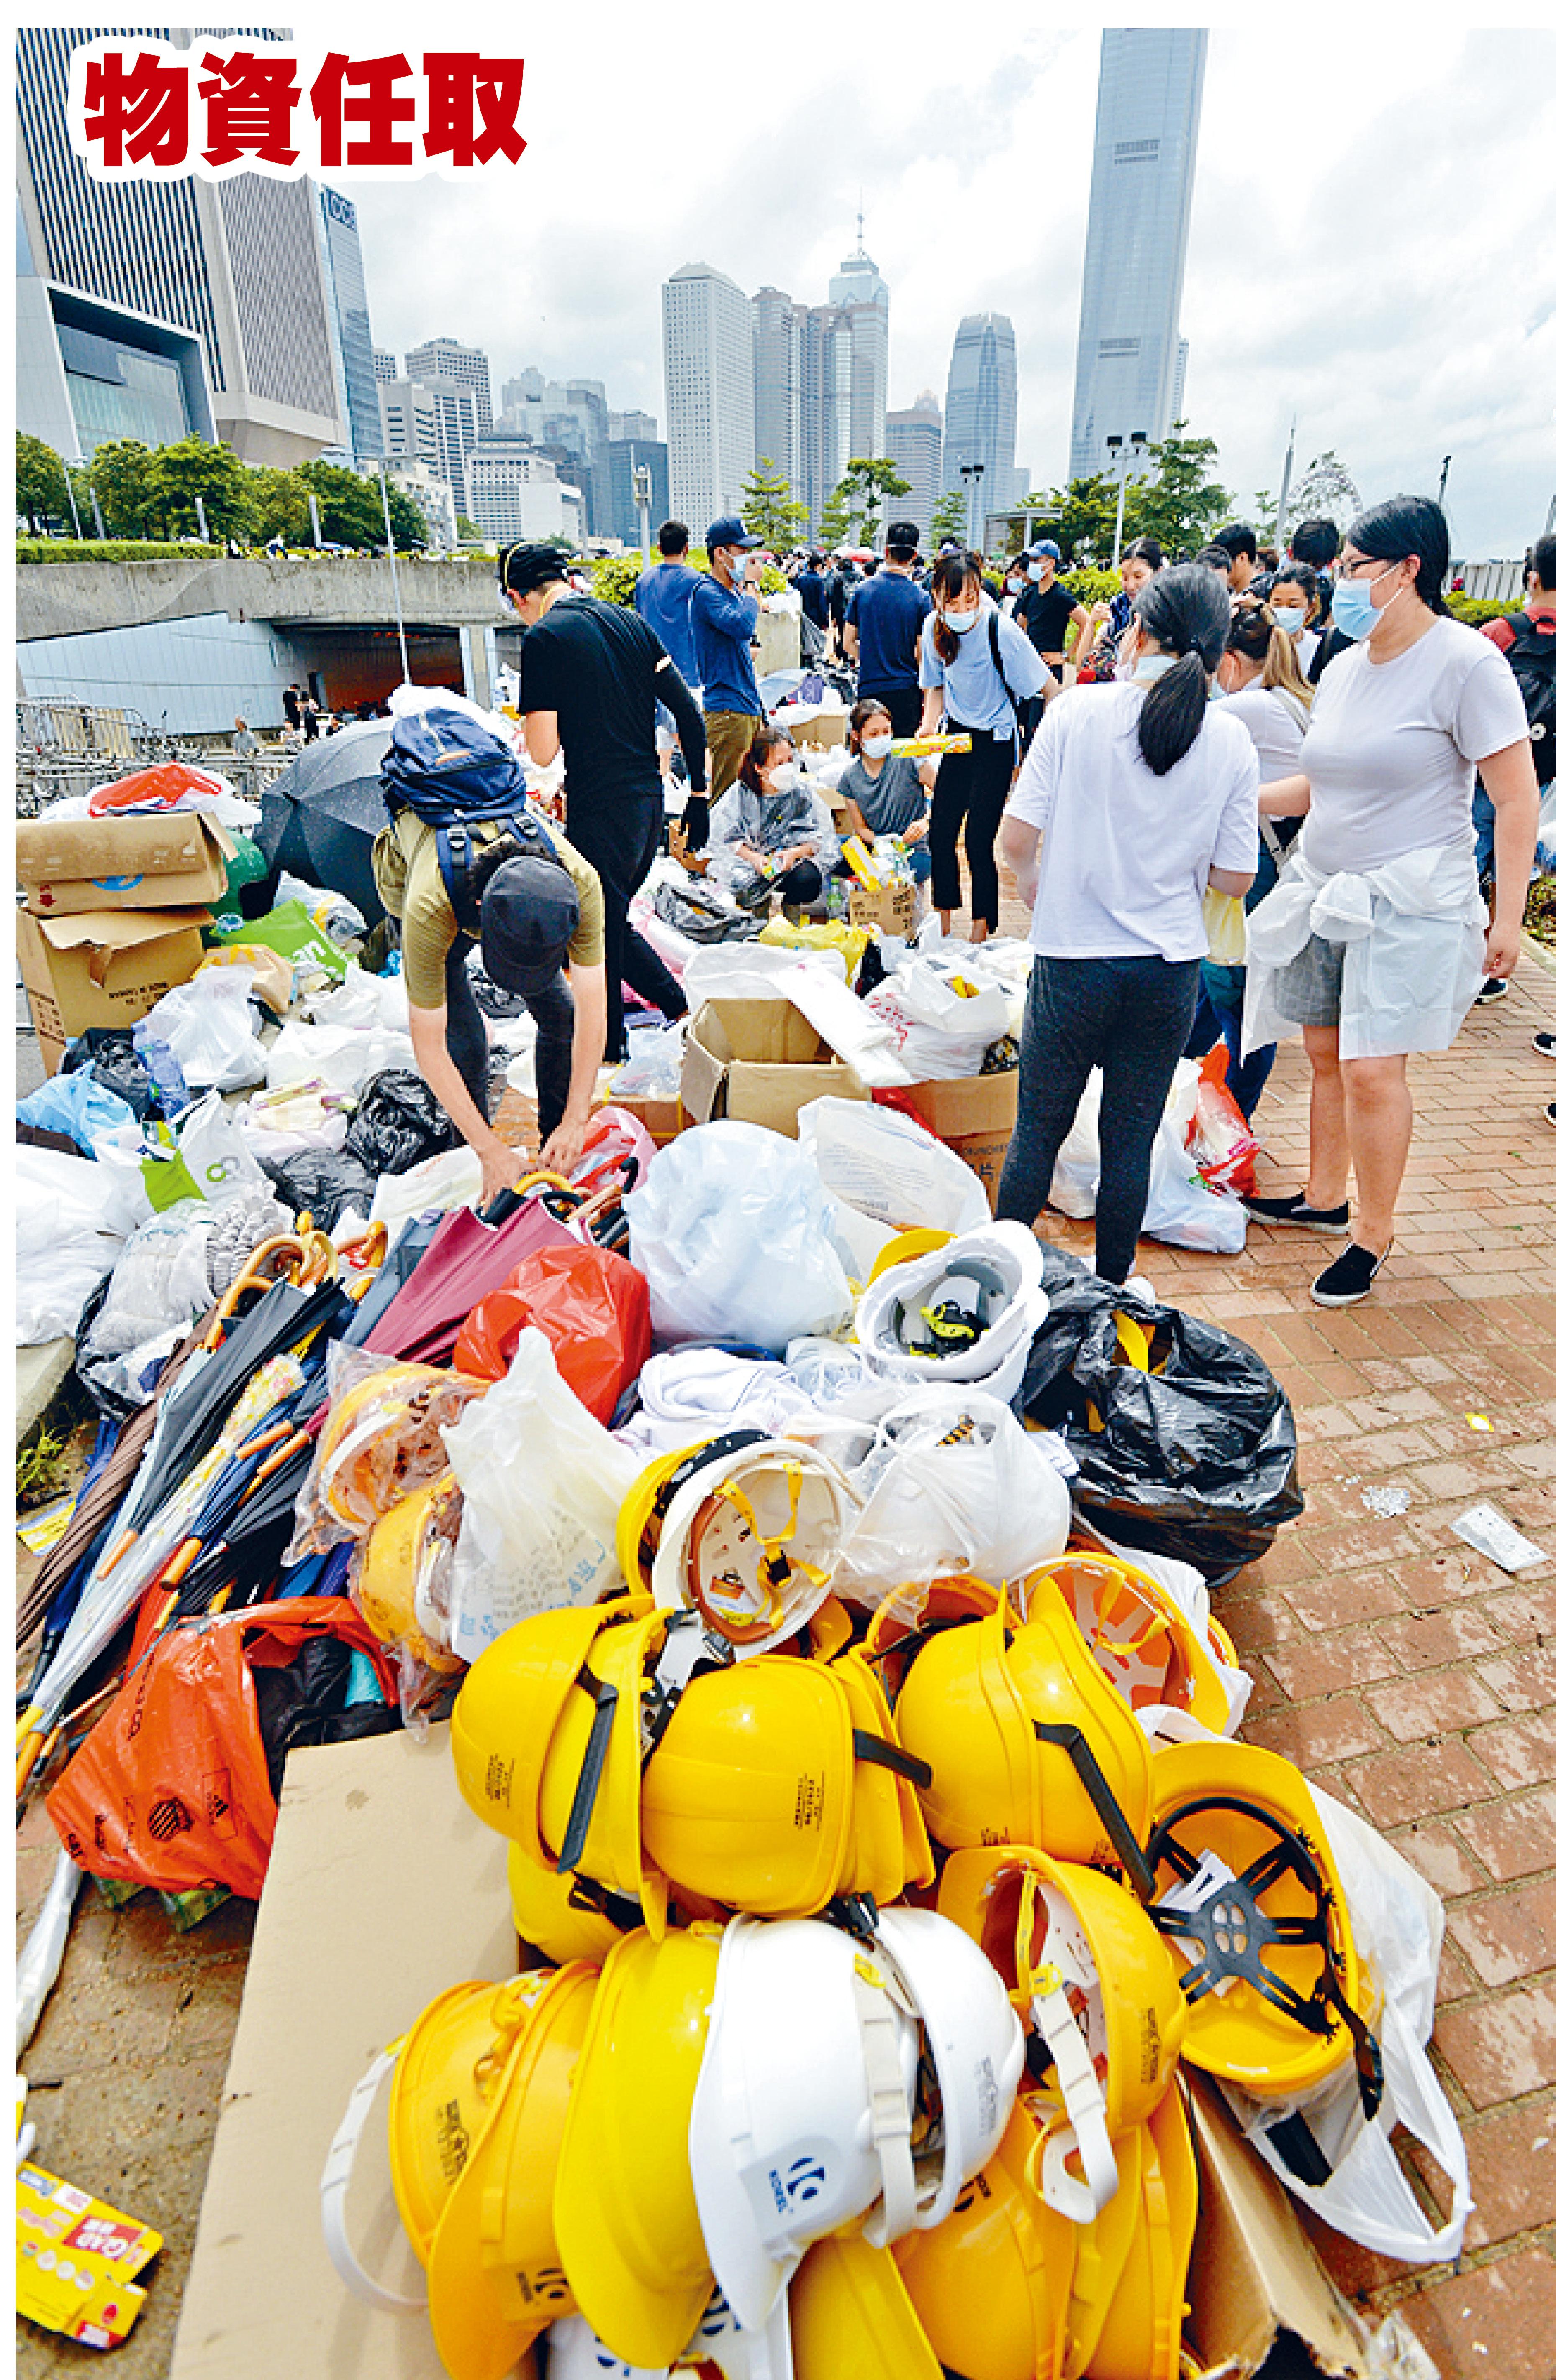 大批兩傘和頭盔擺放於物資站,任由示威者取用。梁文輝攝